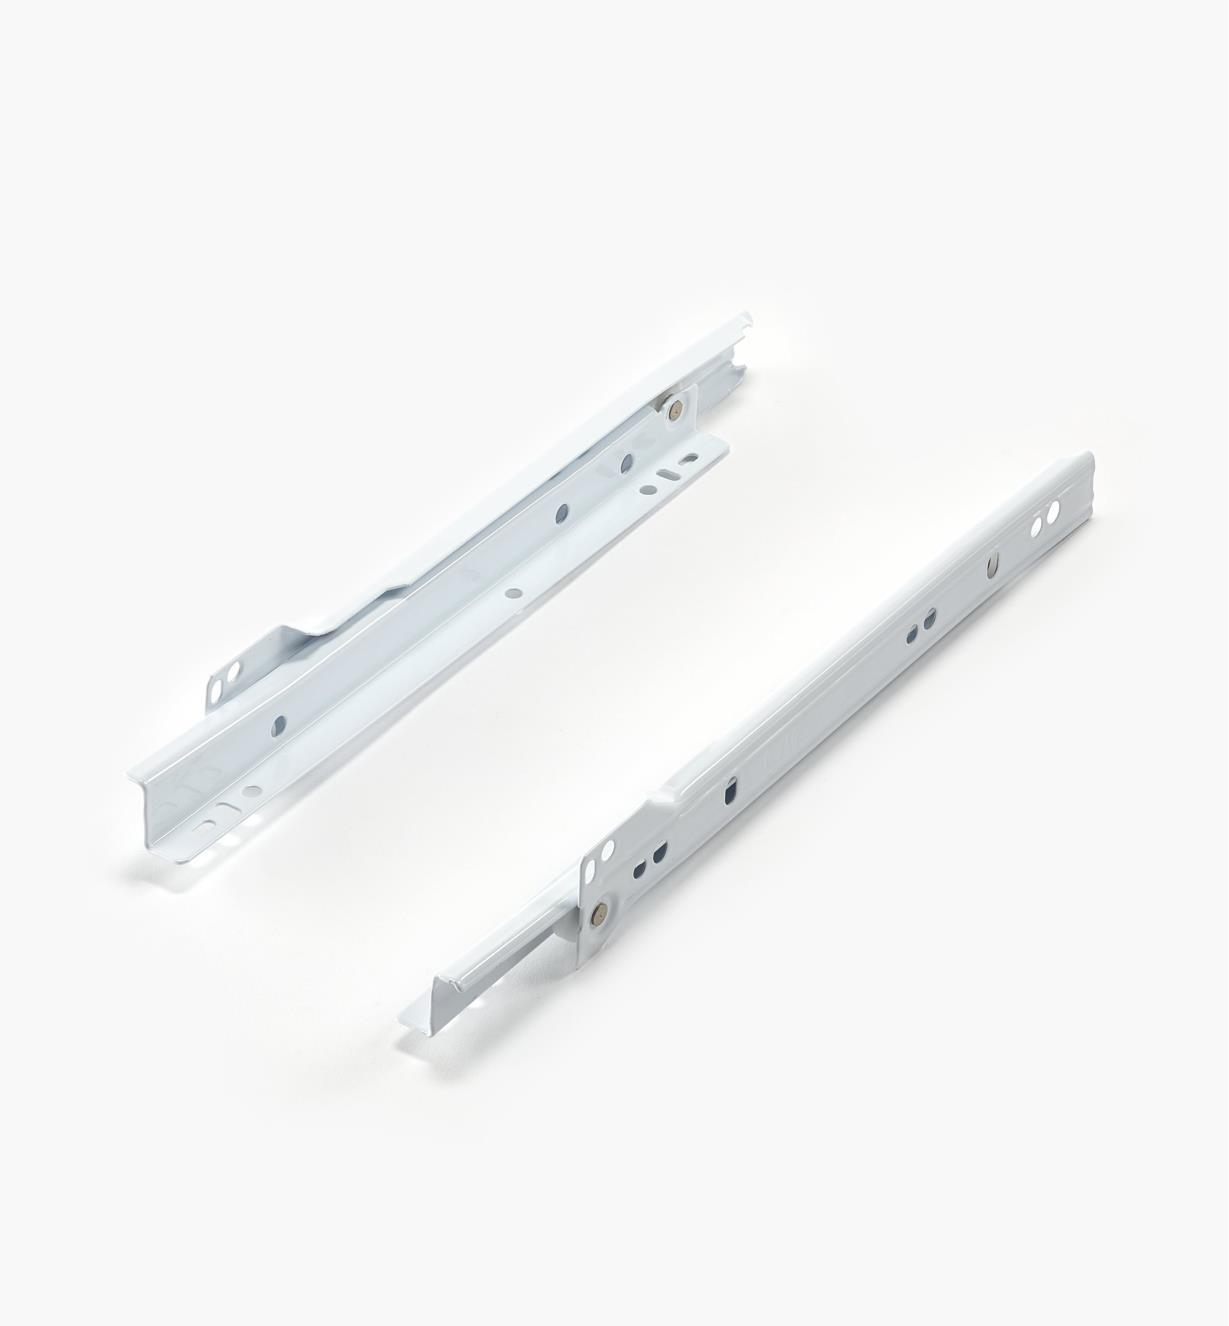 12K0810 - 250mm Kitchen Slides, pr.